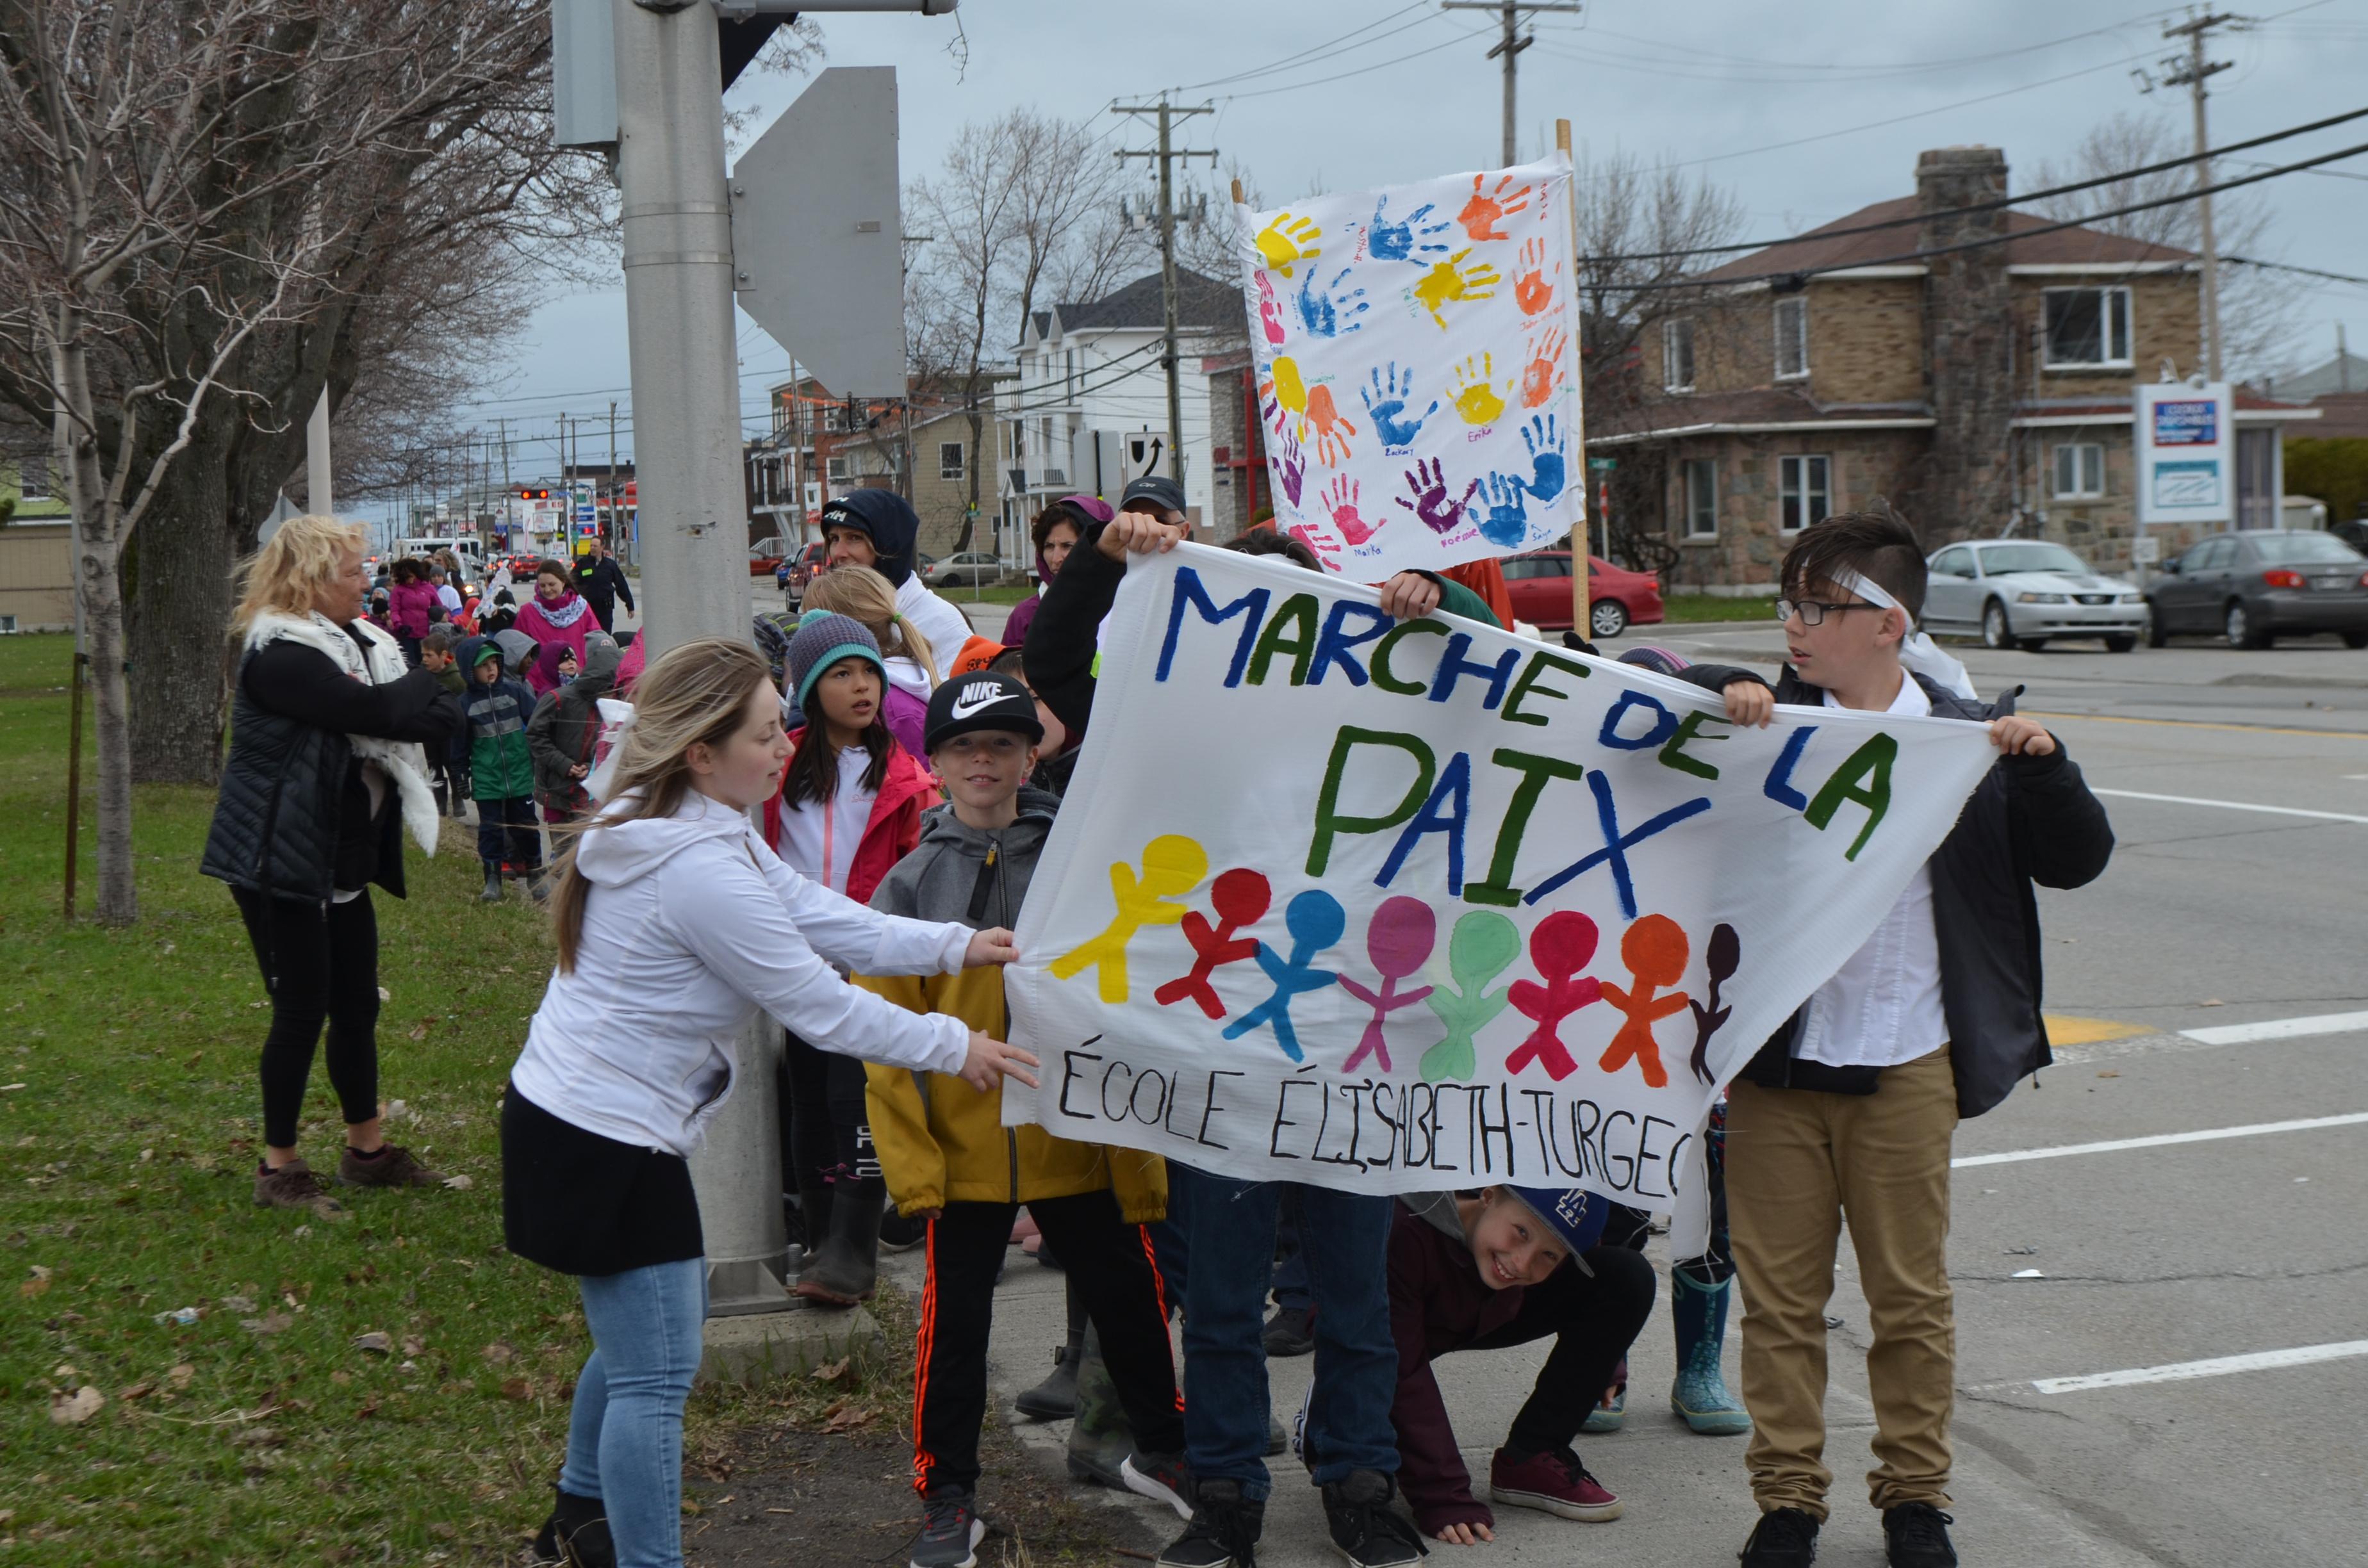 Marche de la paix à Rimouski.